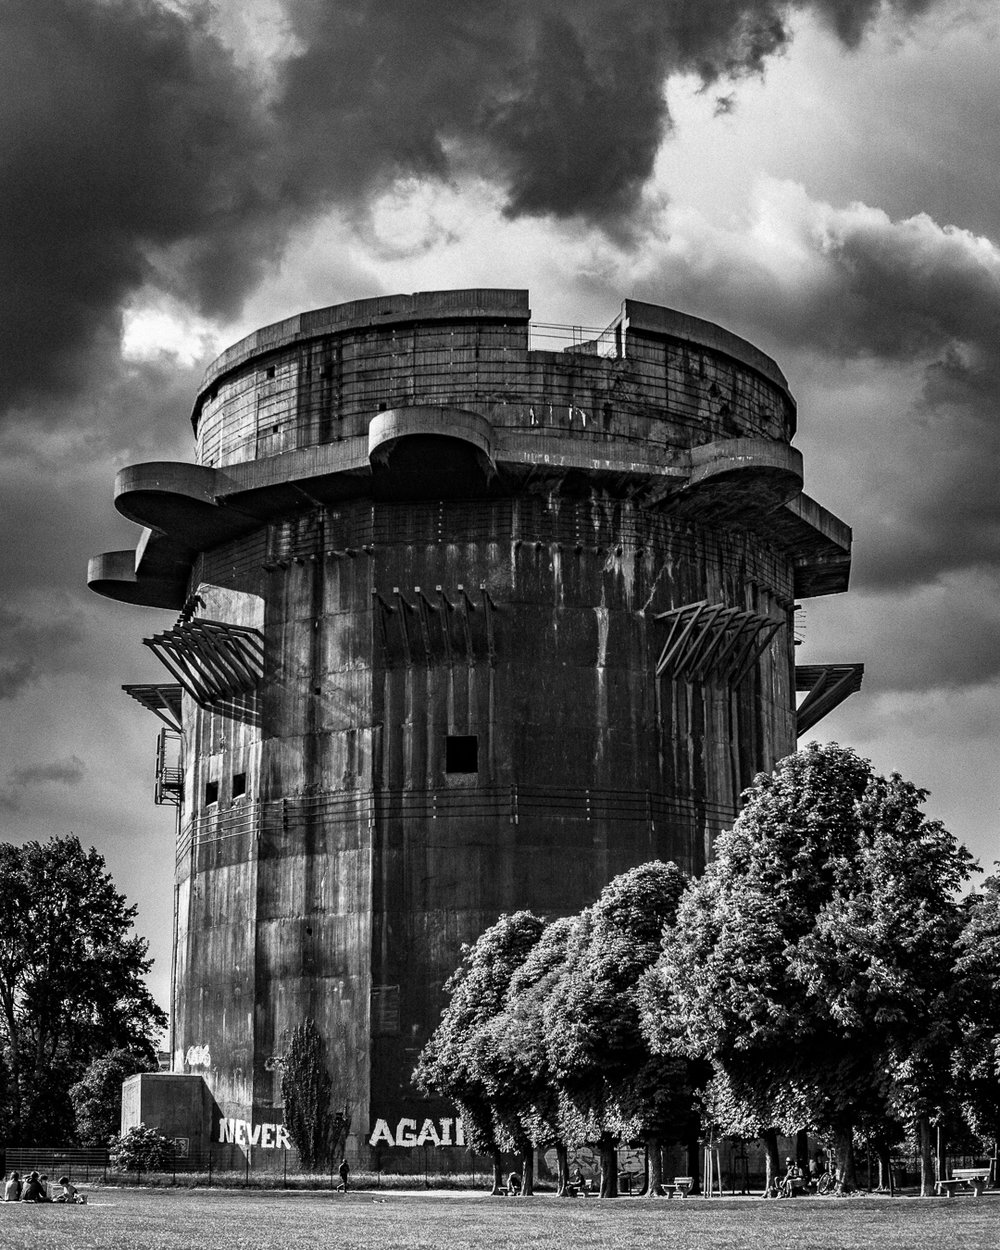 Flak Tower, Vienna, Austria, 2018